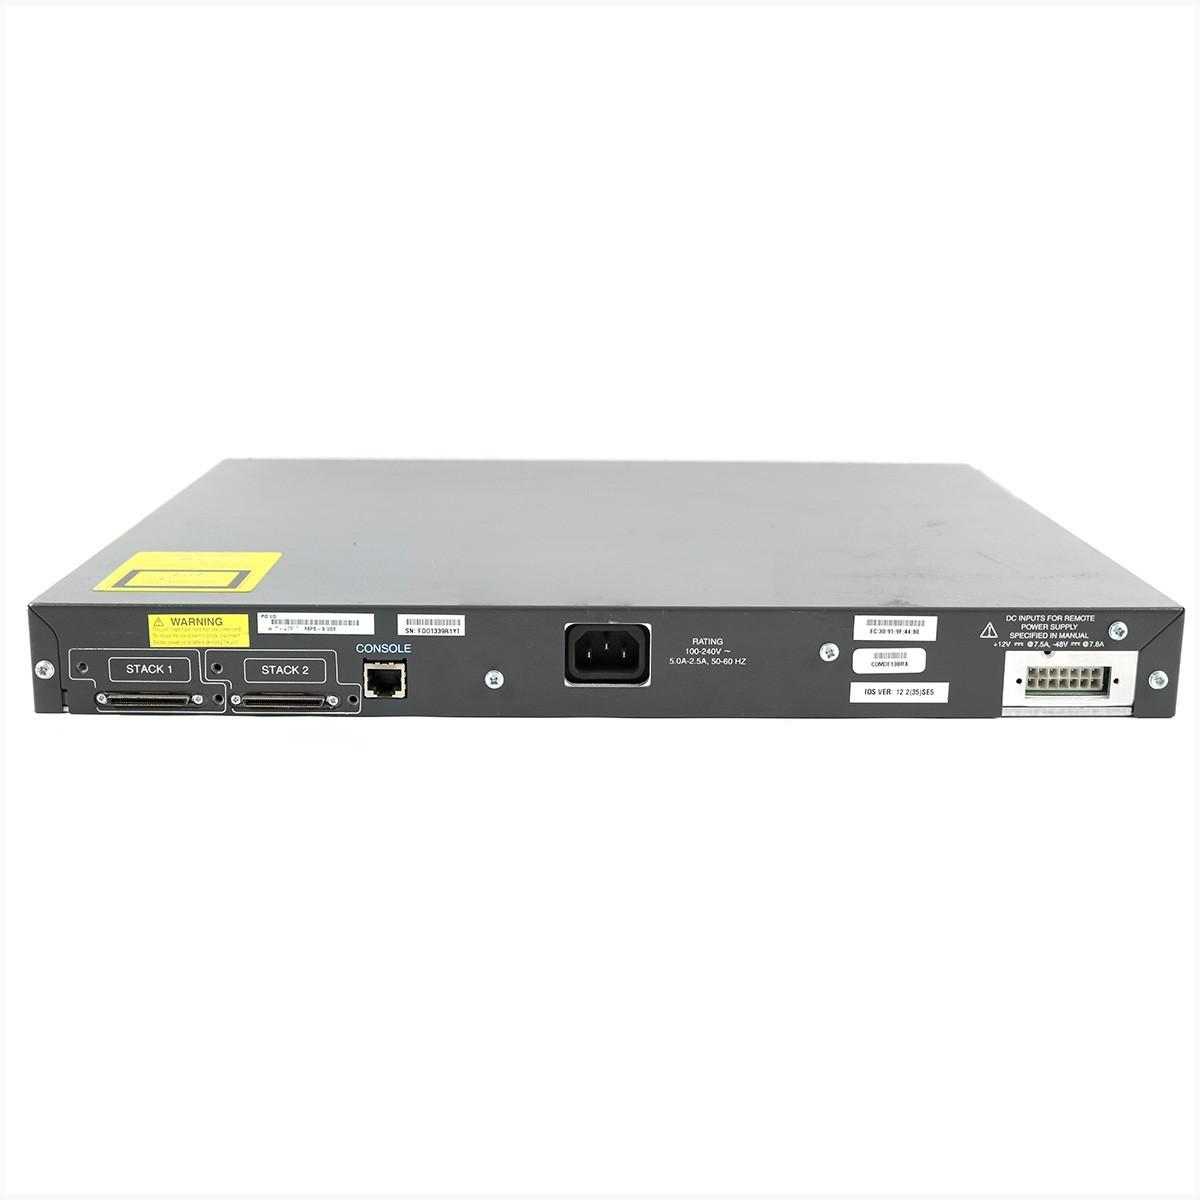 Switch cisco ws-c3750-48ps-s 48 portas gigabit - usado